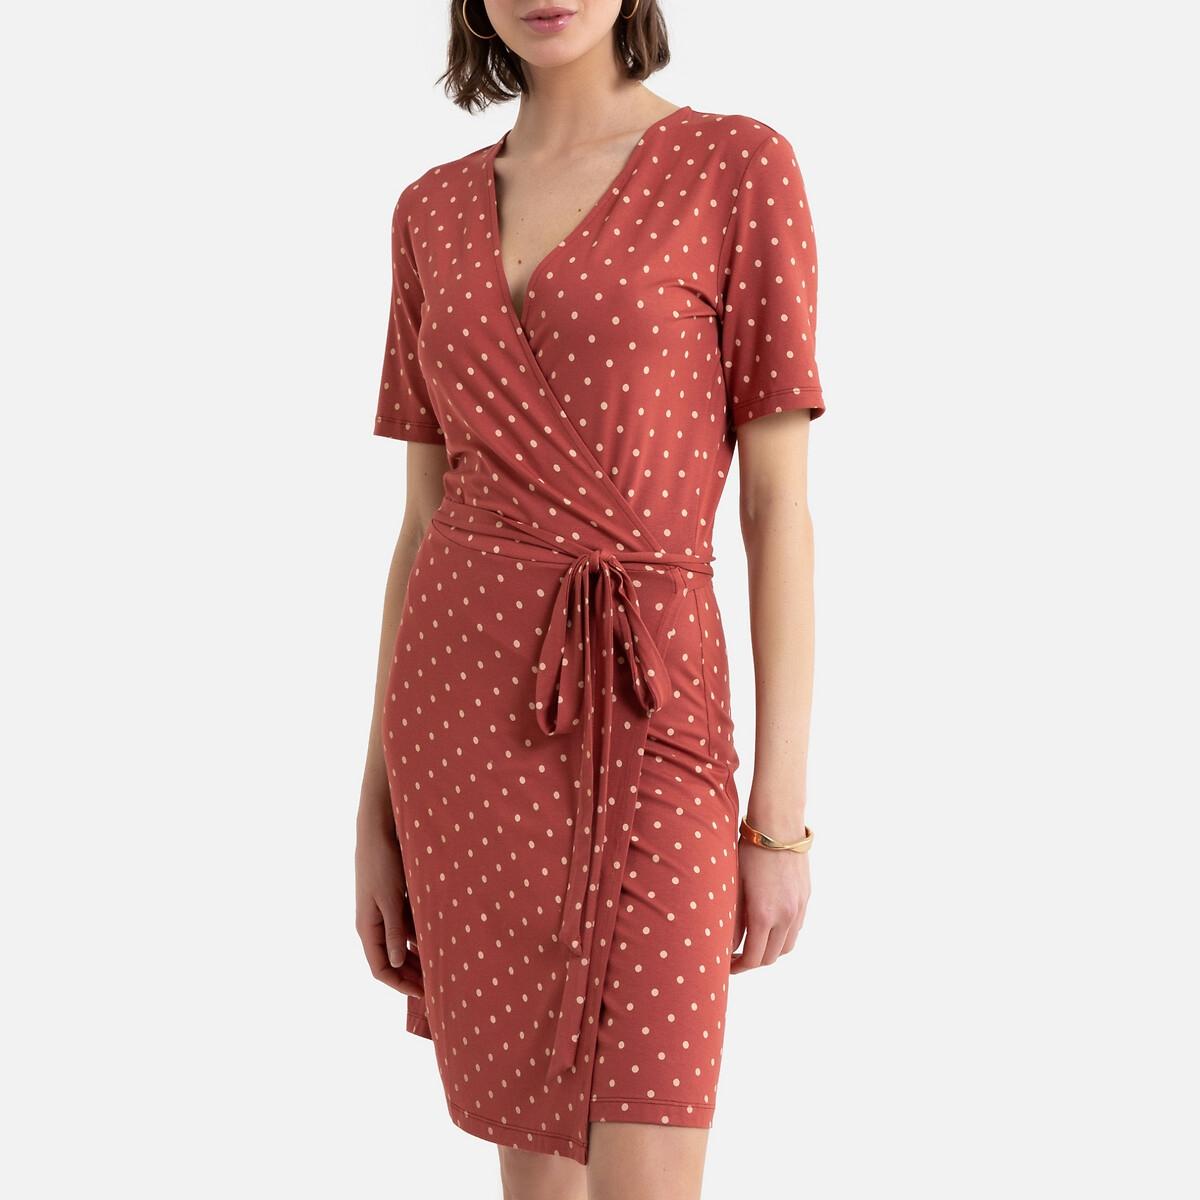 Платье La Redoute С запахом из трикотажа с принтом в горошек 42 (FR) - 48 (RUS) другие